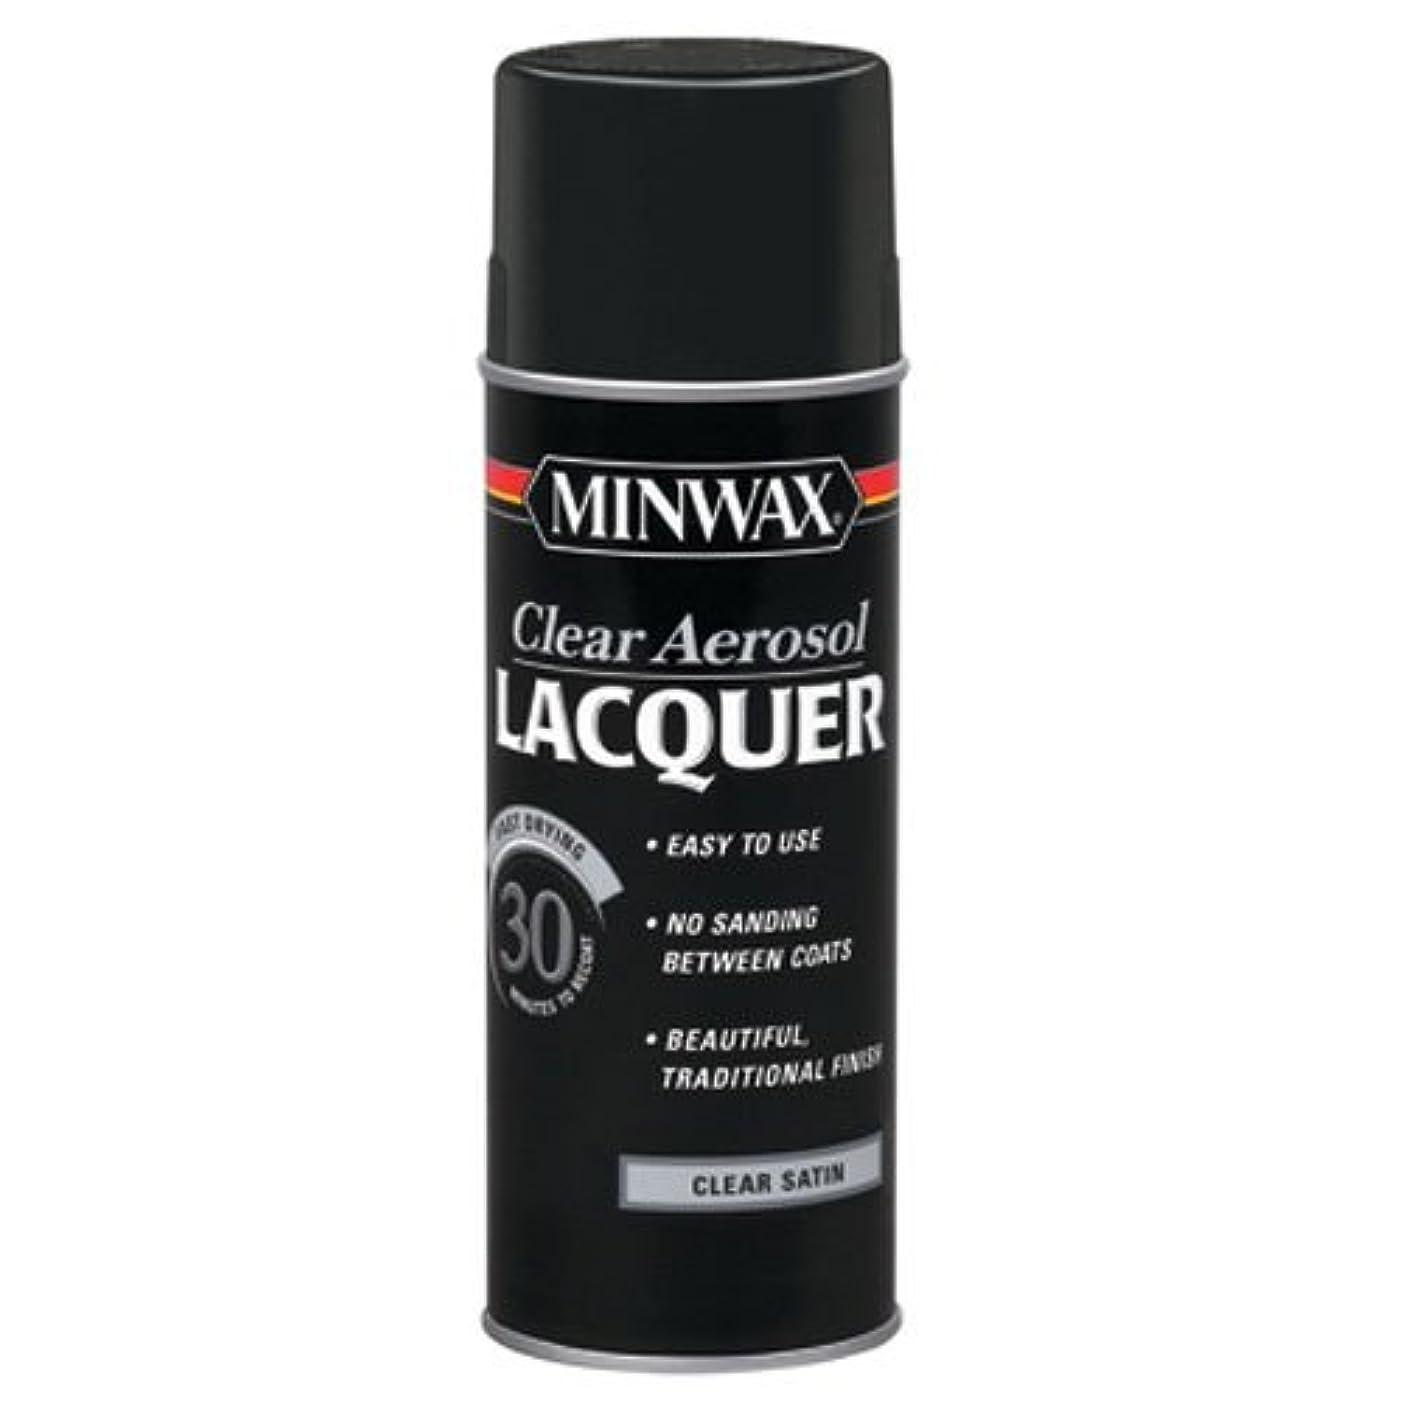 Minwax 15210 Clear Aerosol Lacquer Spray, 12.25-Ounce, Satin